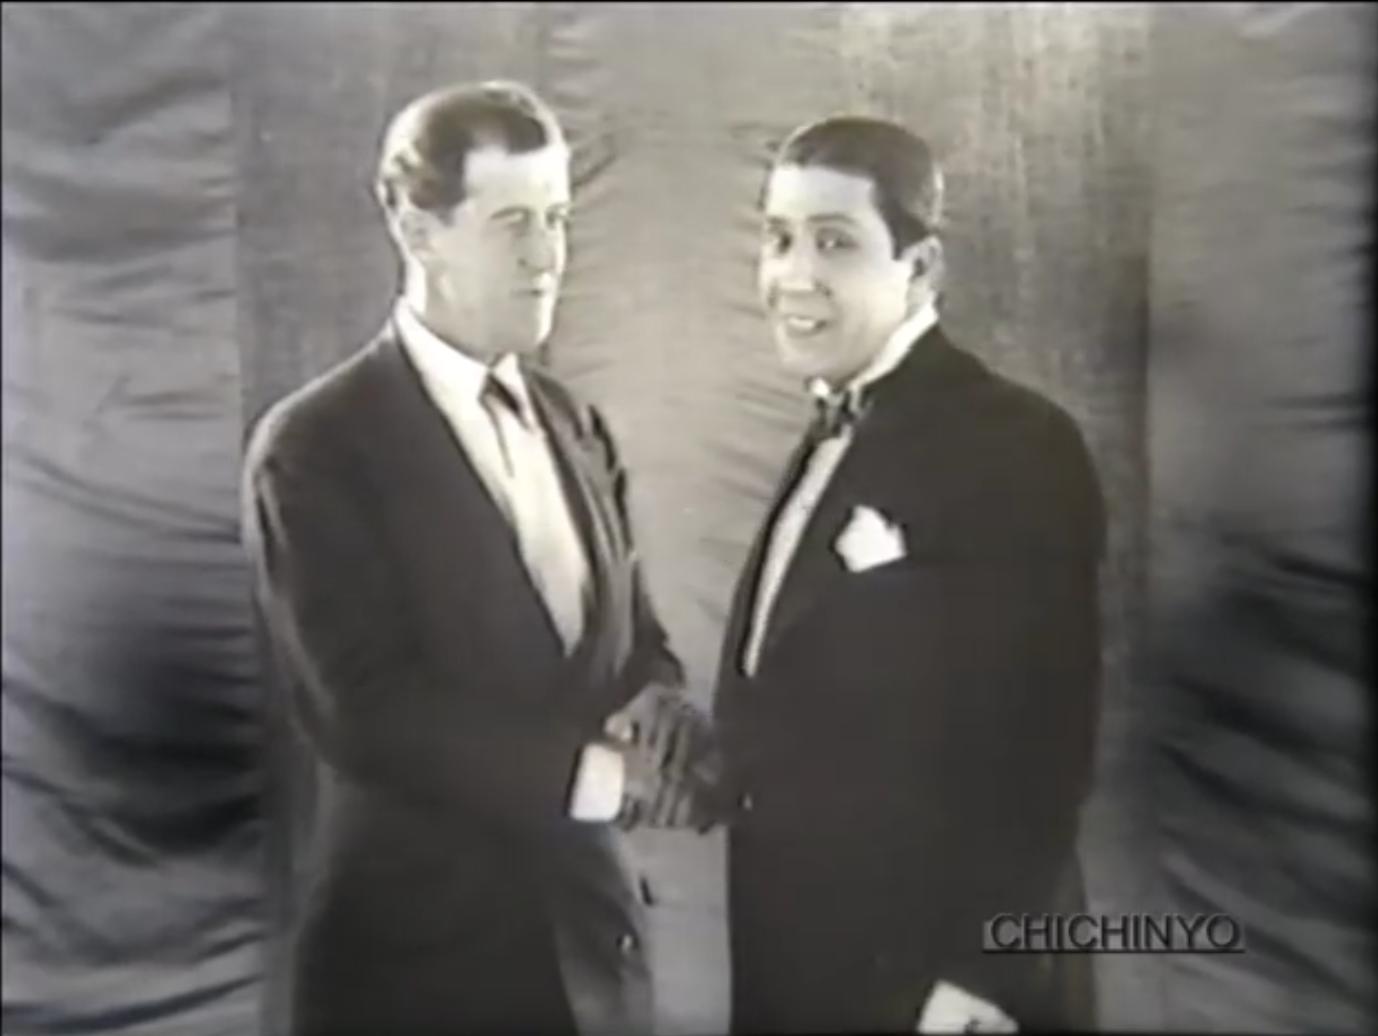 Film clip: Arturo de Navas and Carlos Gardel, 1930